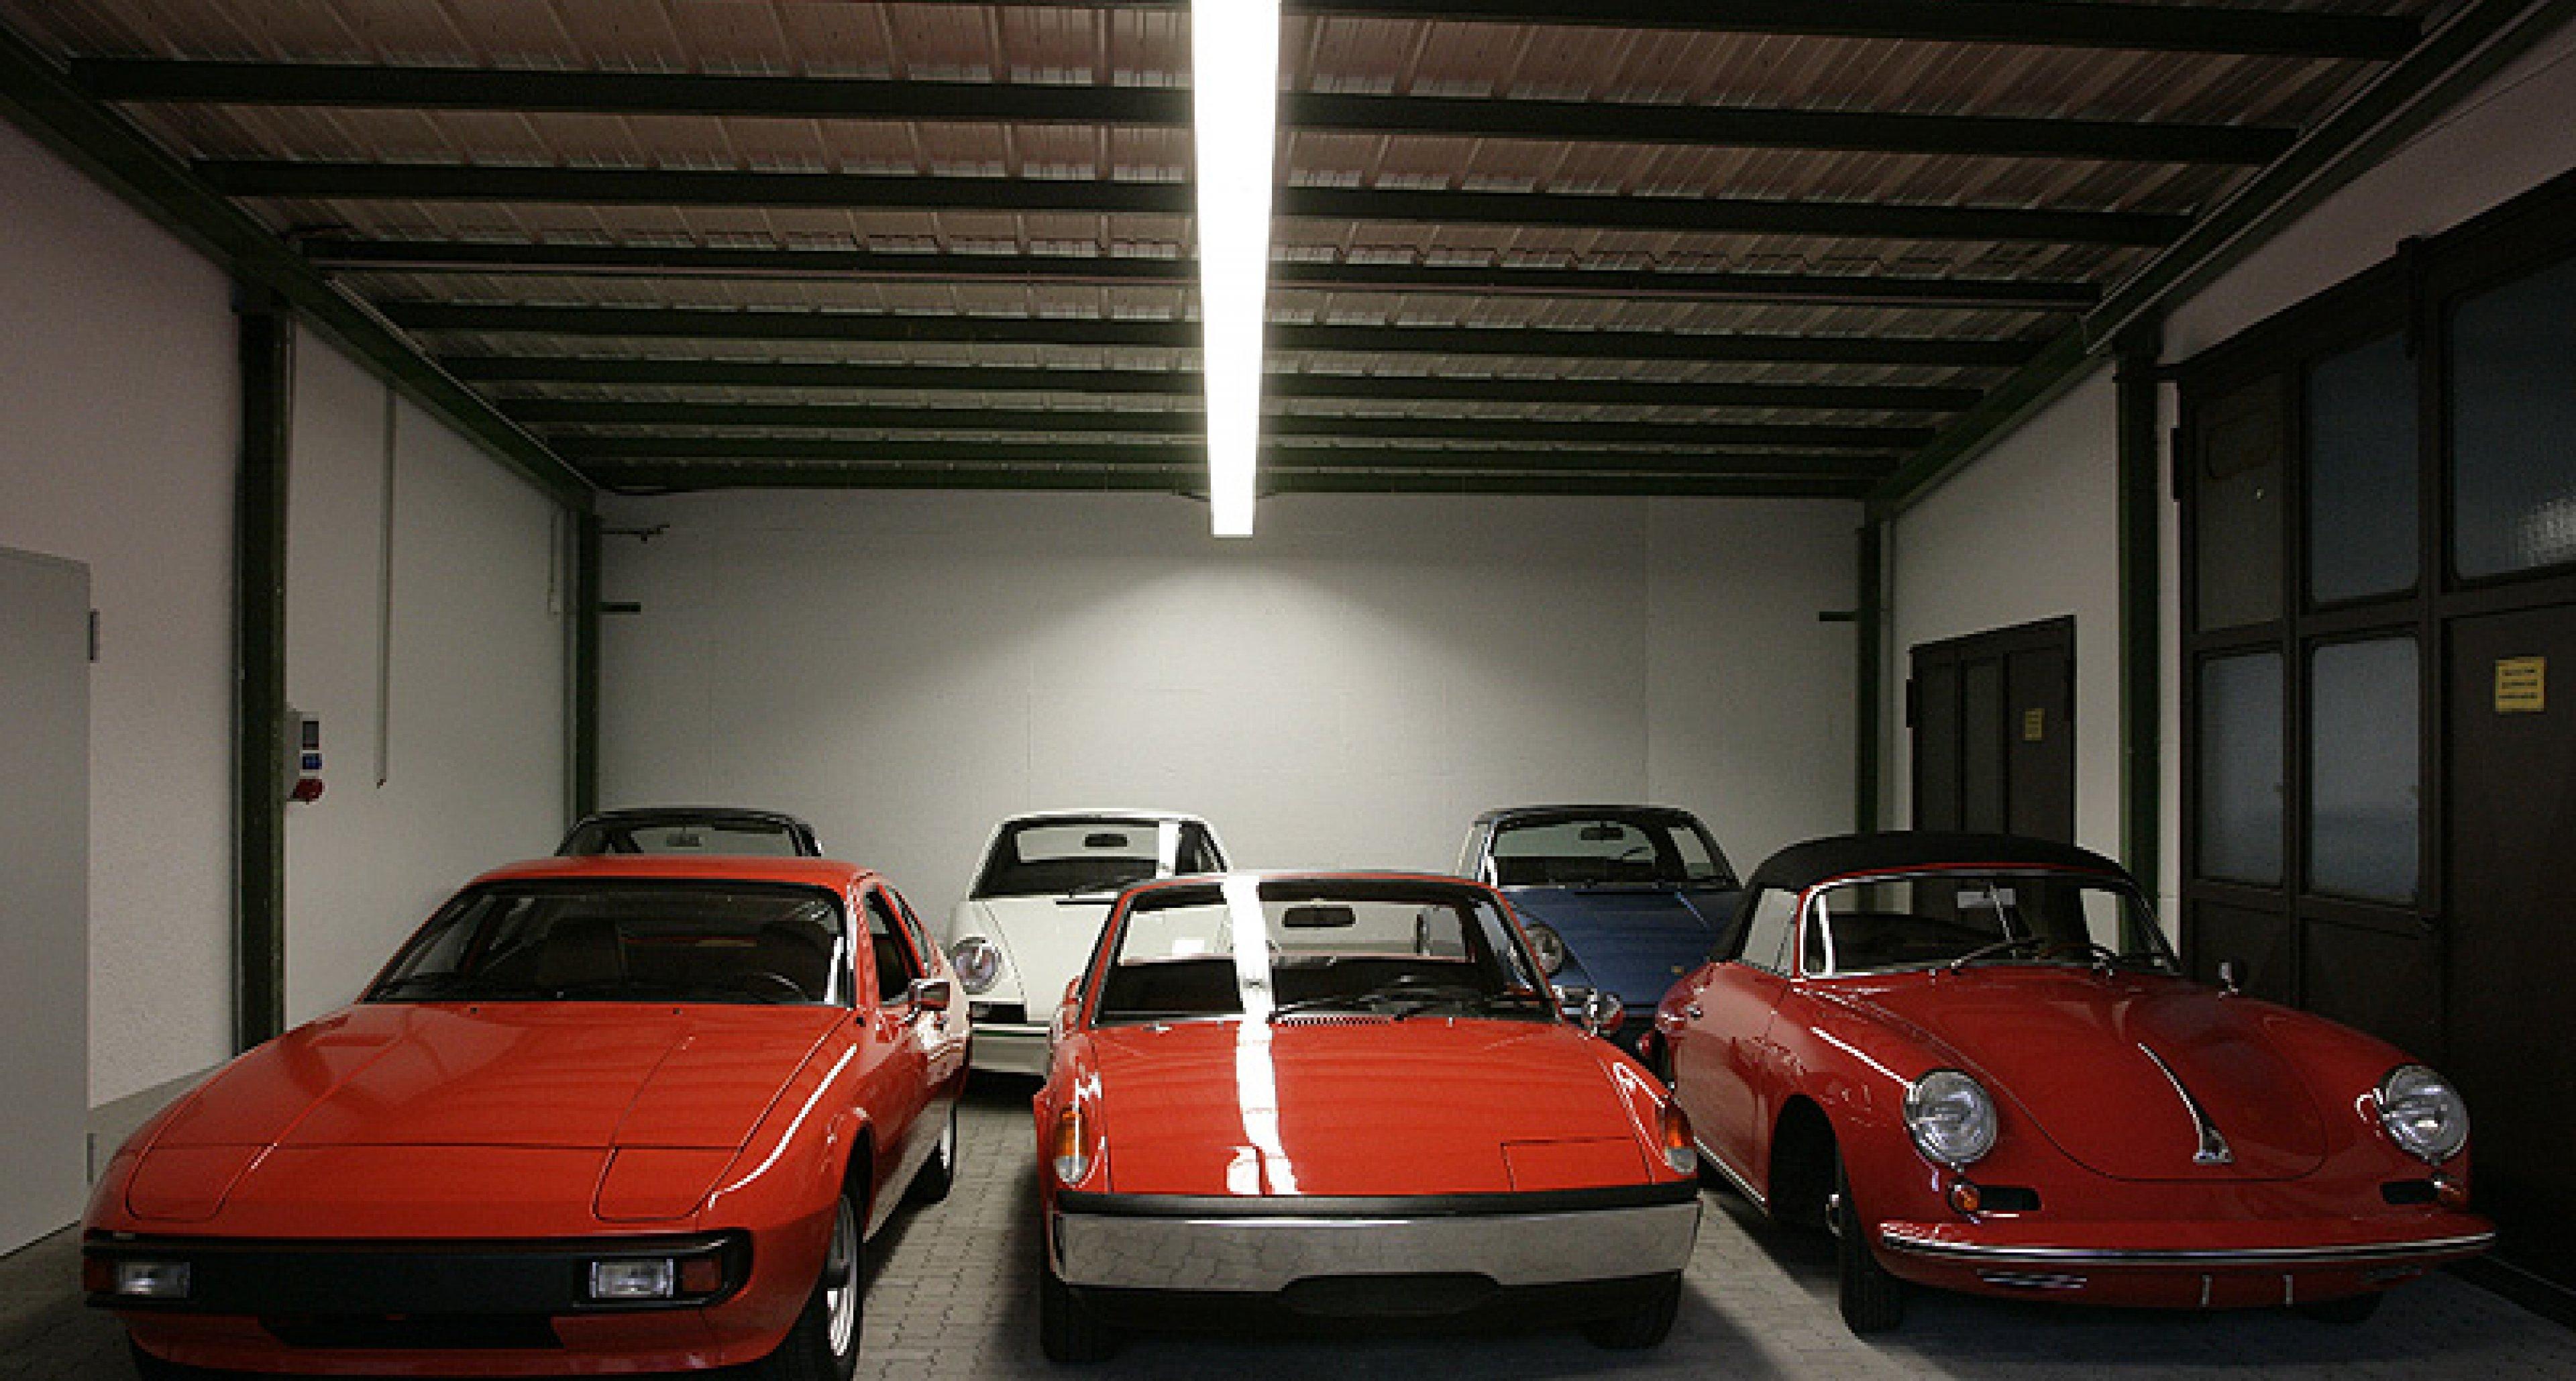 New Porsche Museum, Stuttgart